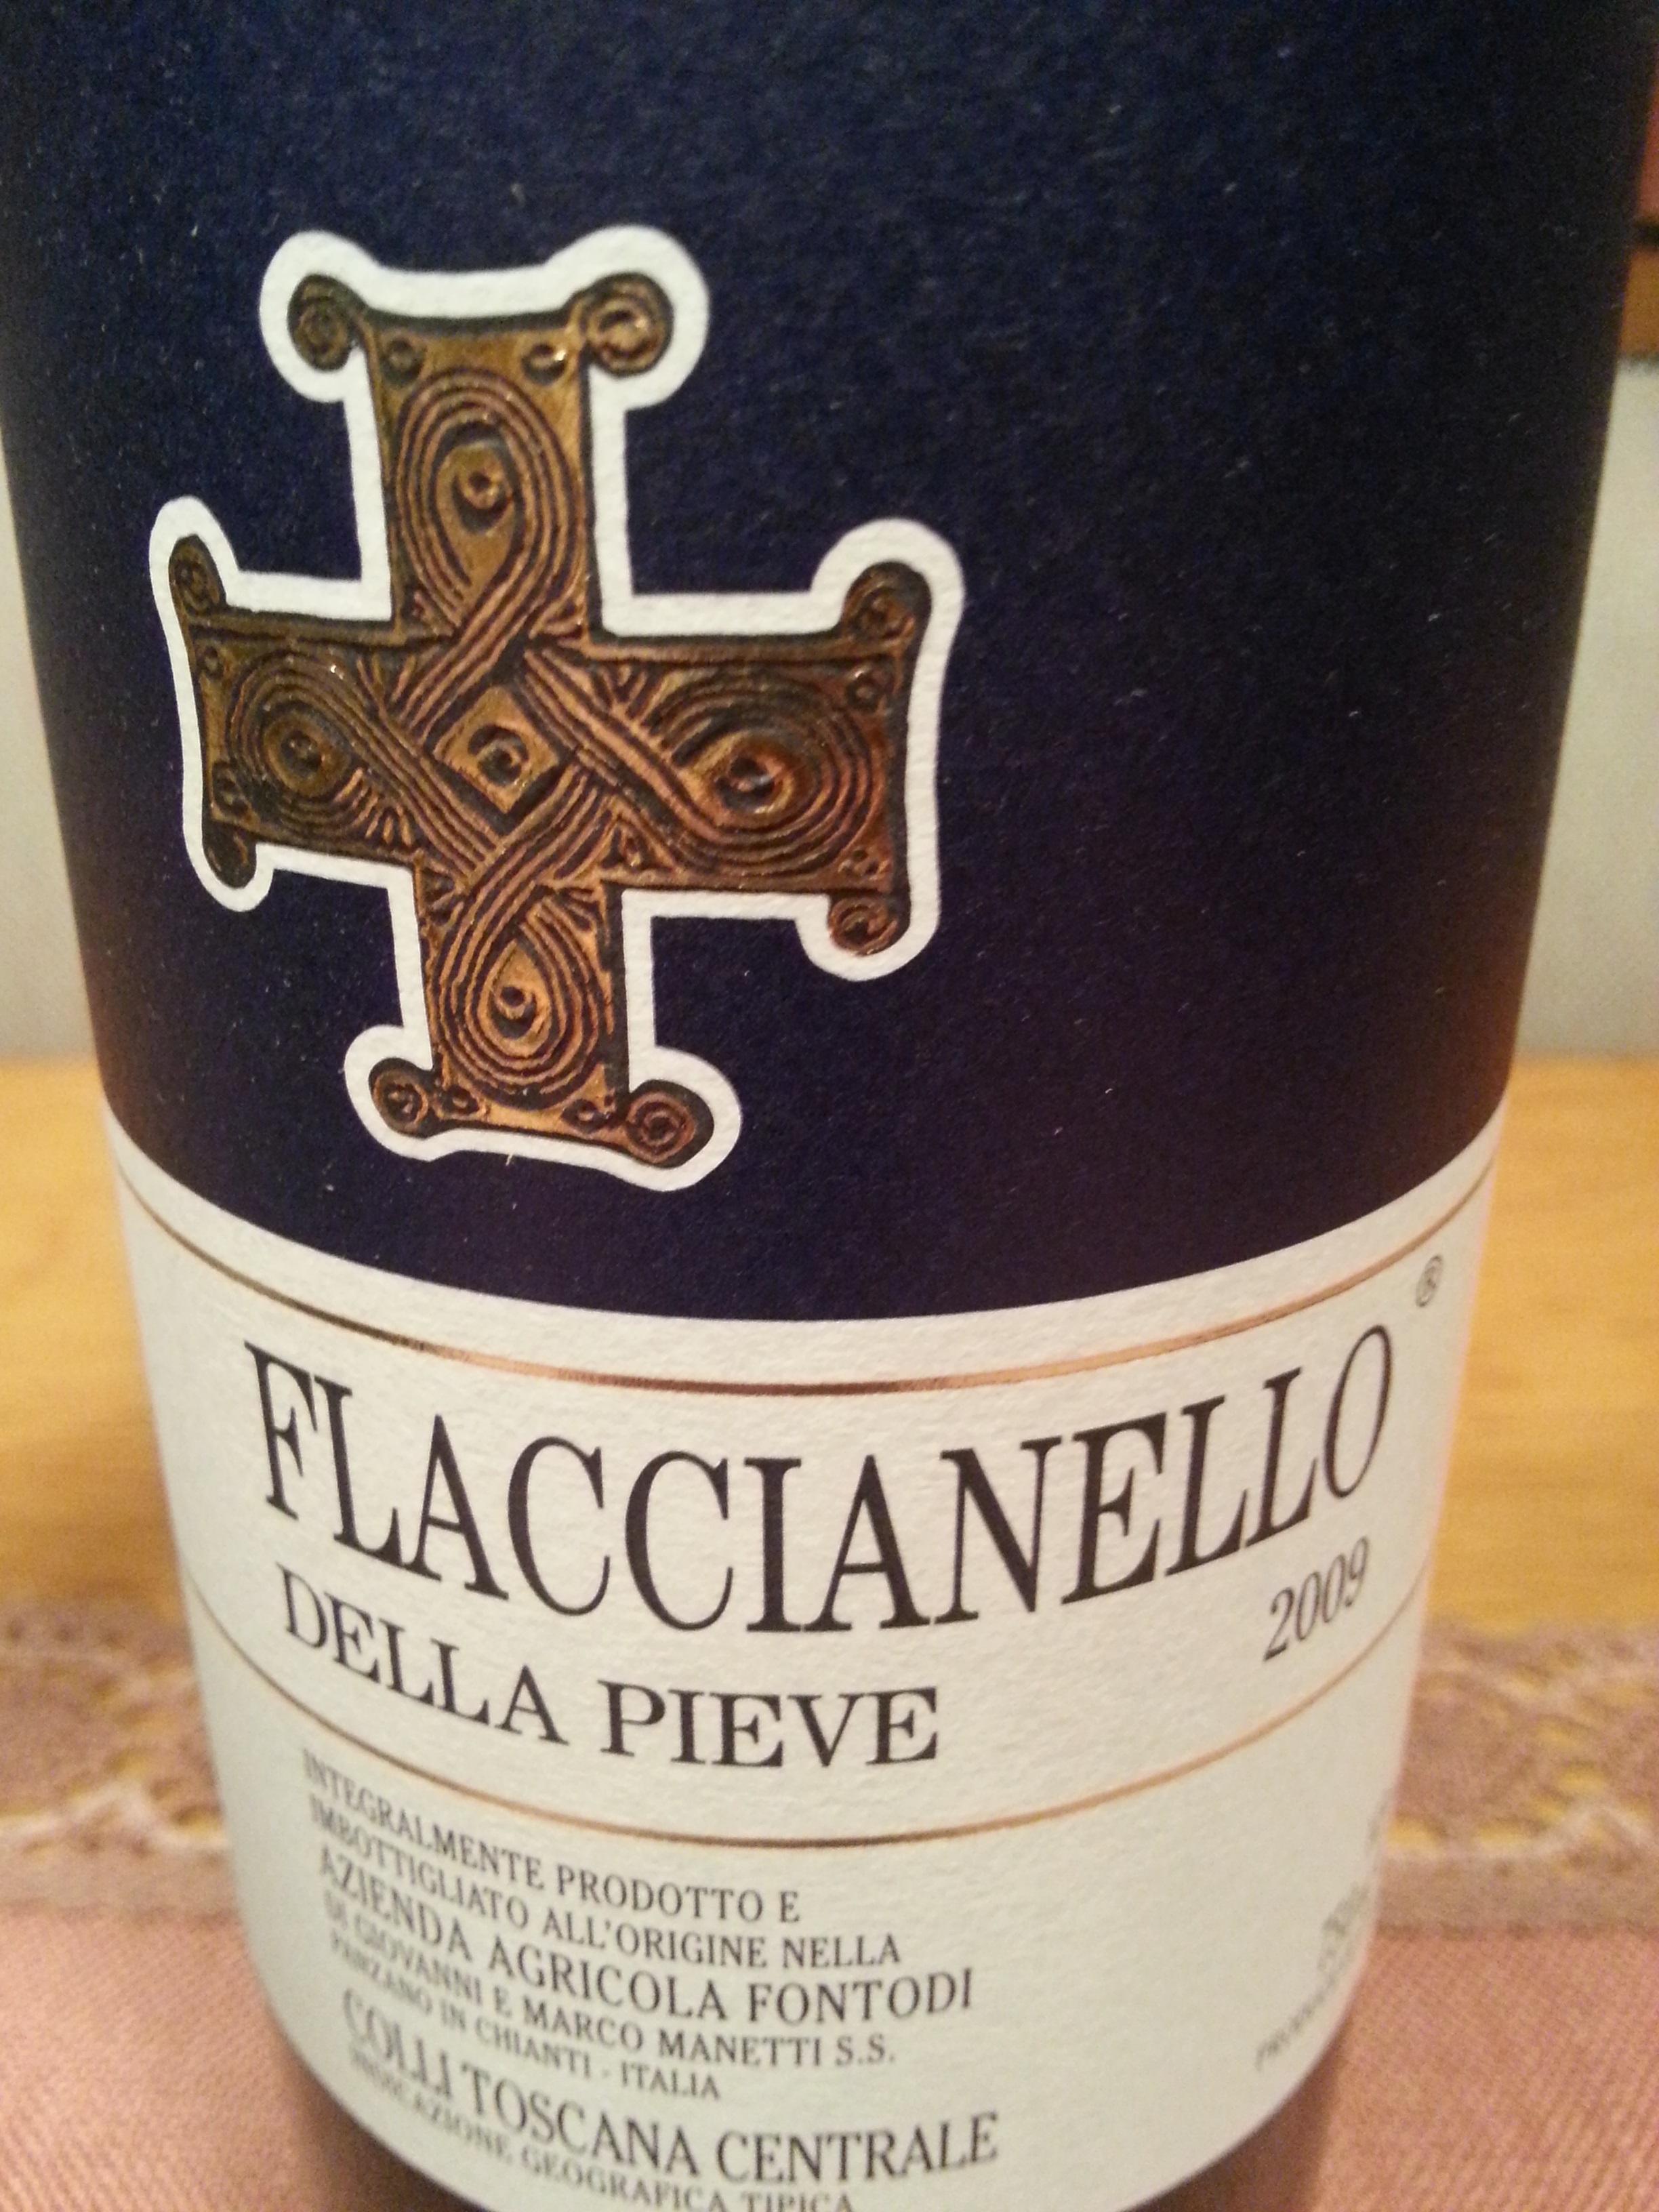 2009 Flaccianello | Fontodi